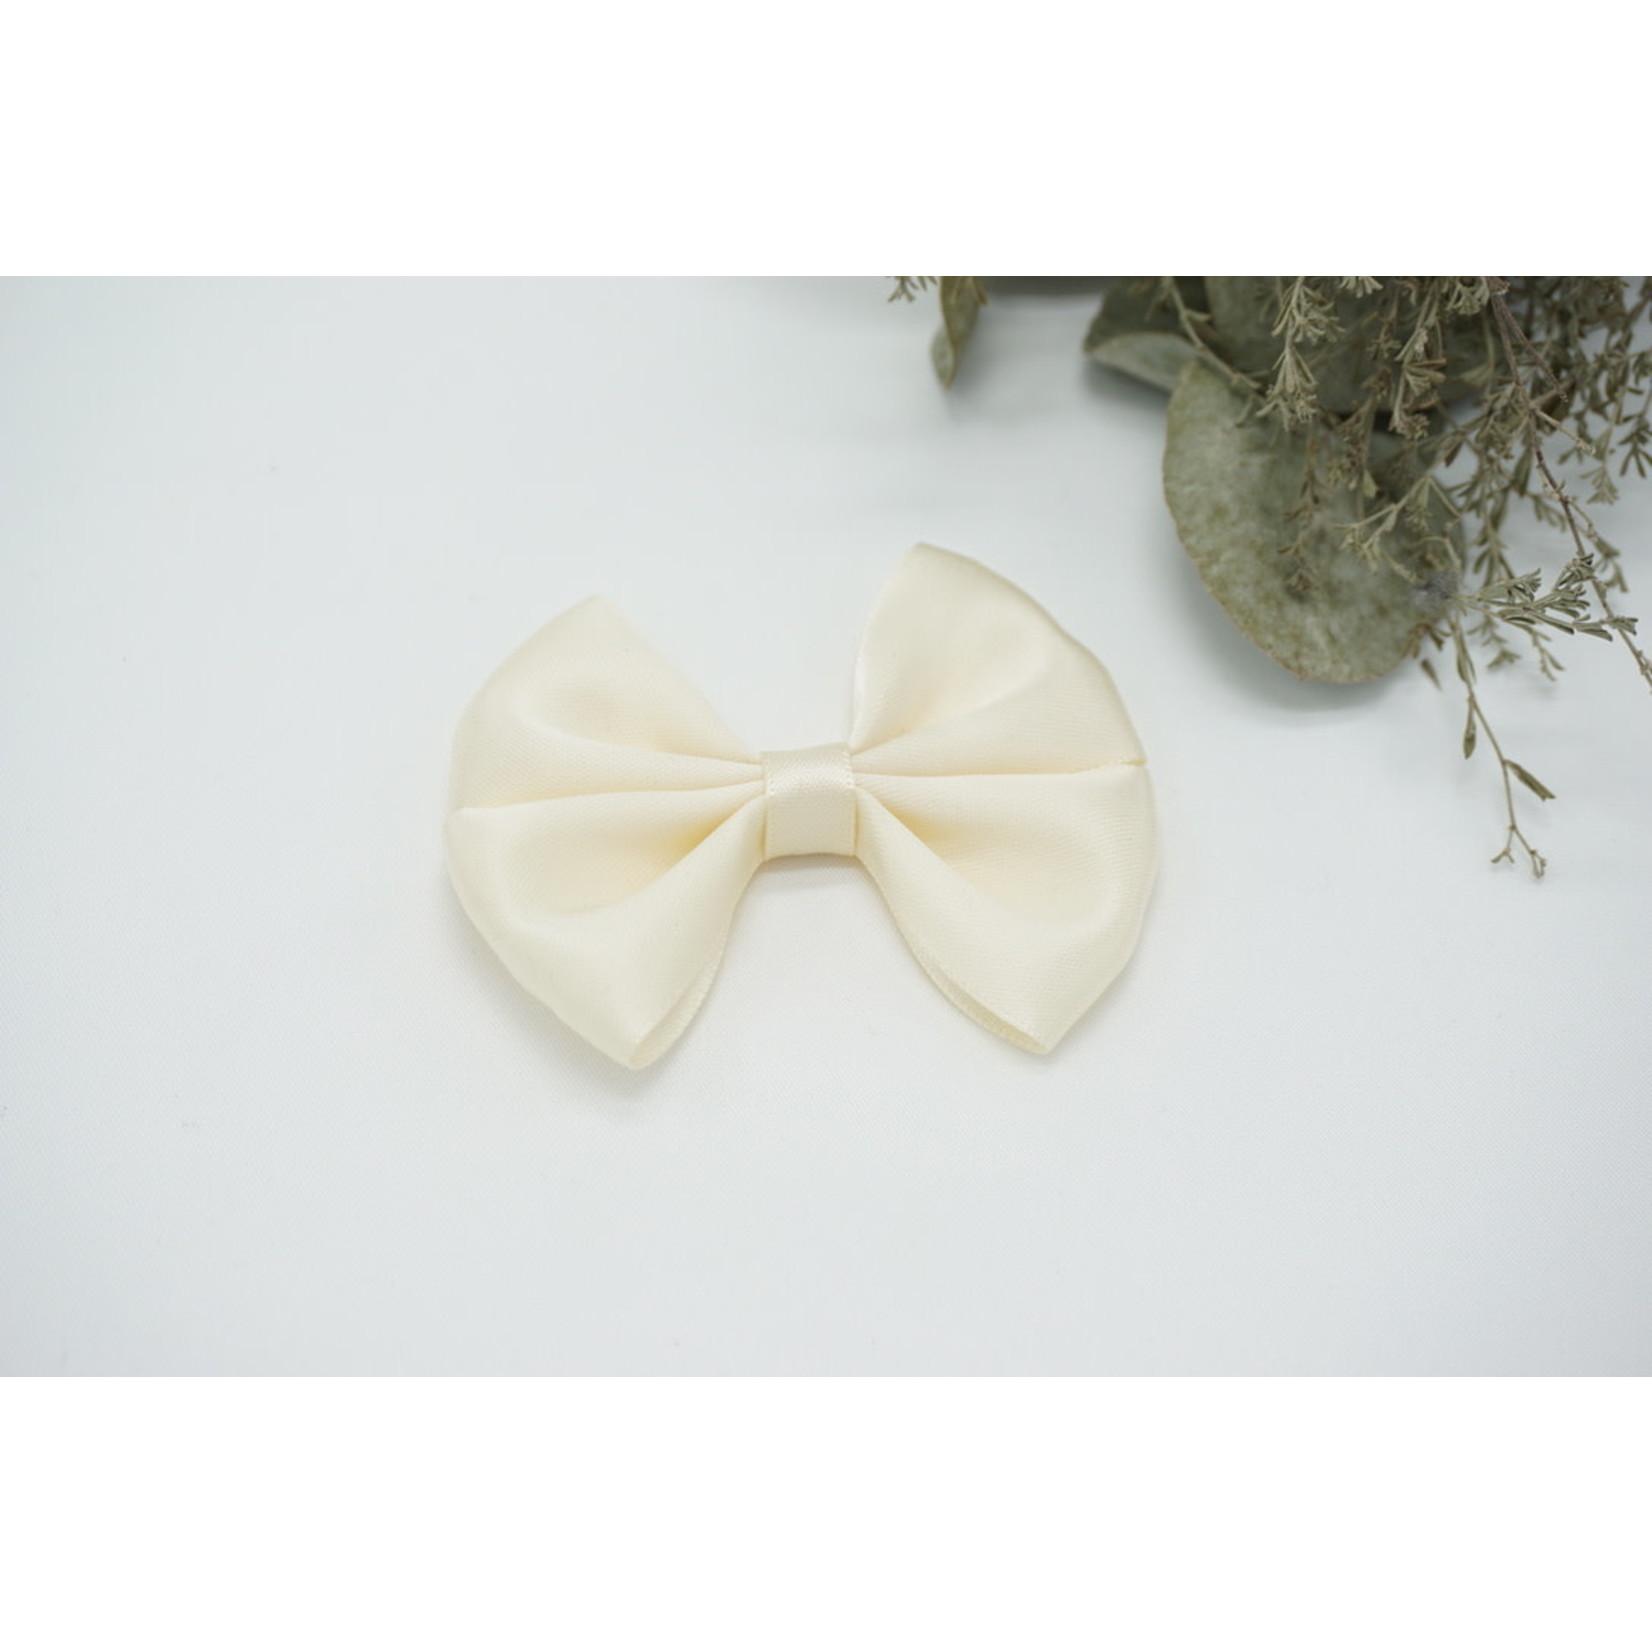 Petite Zara Satin Bow - Creme